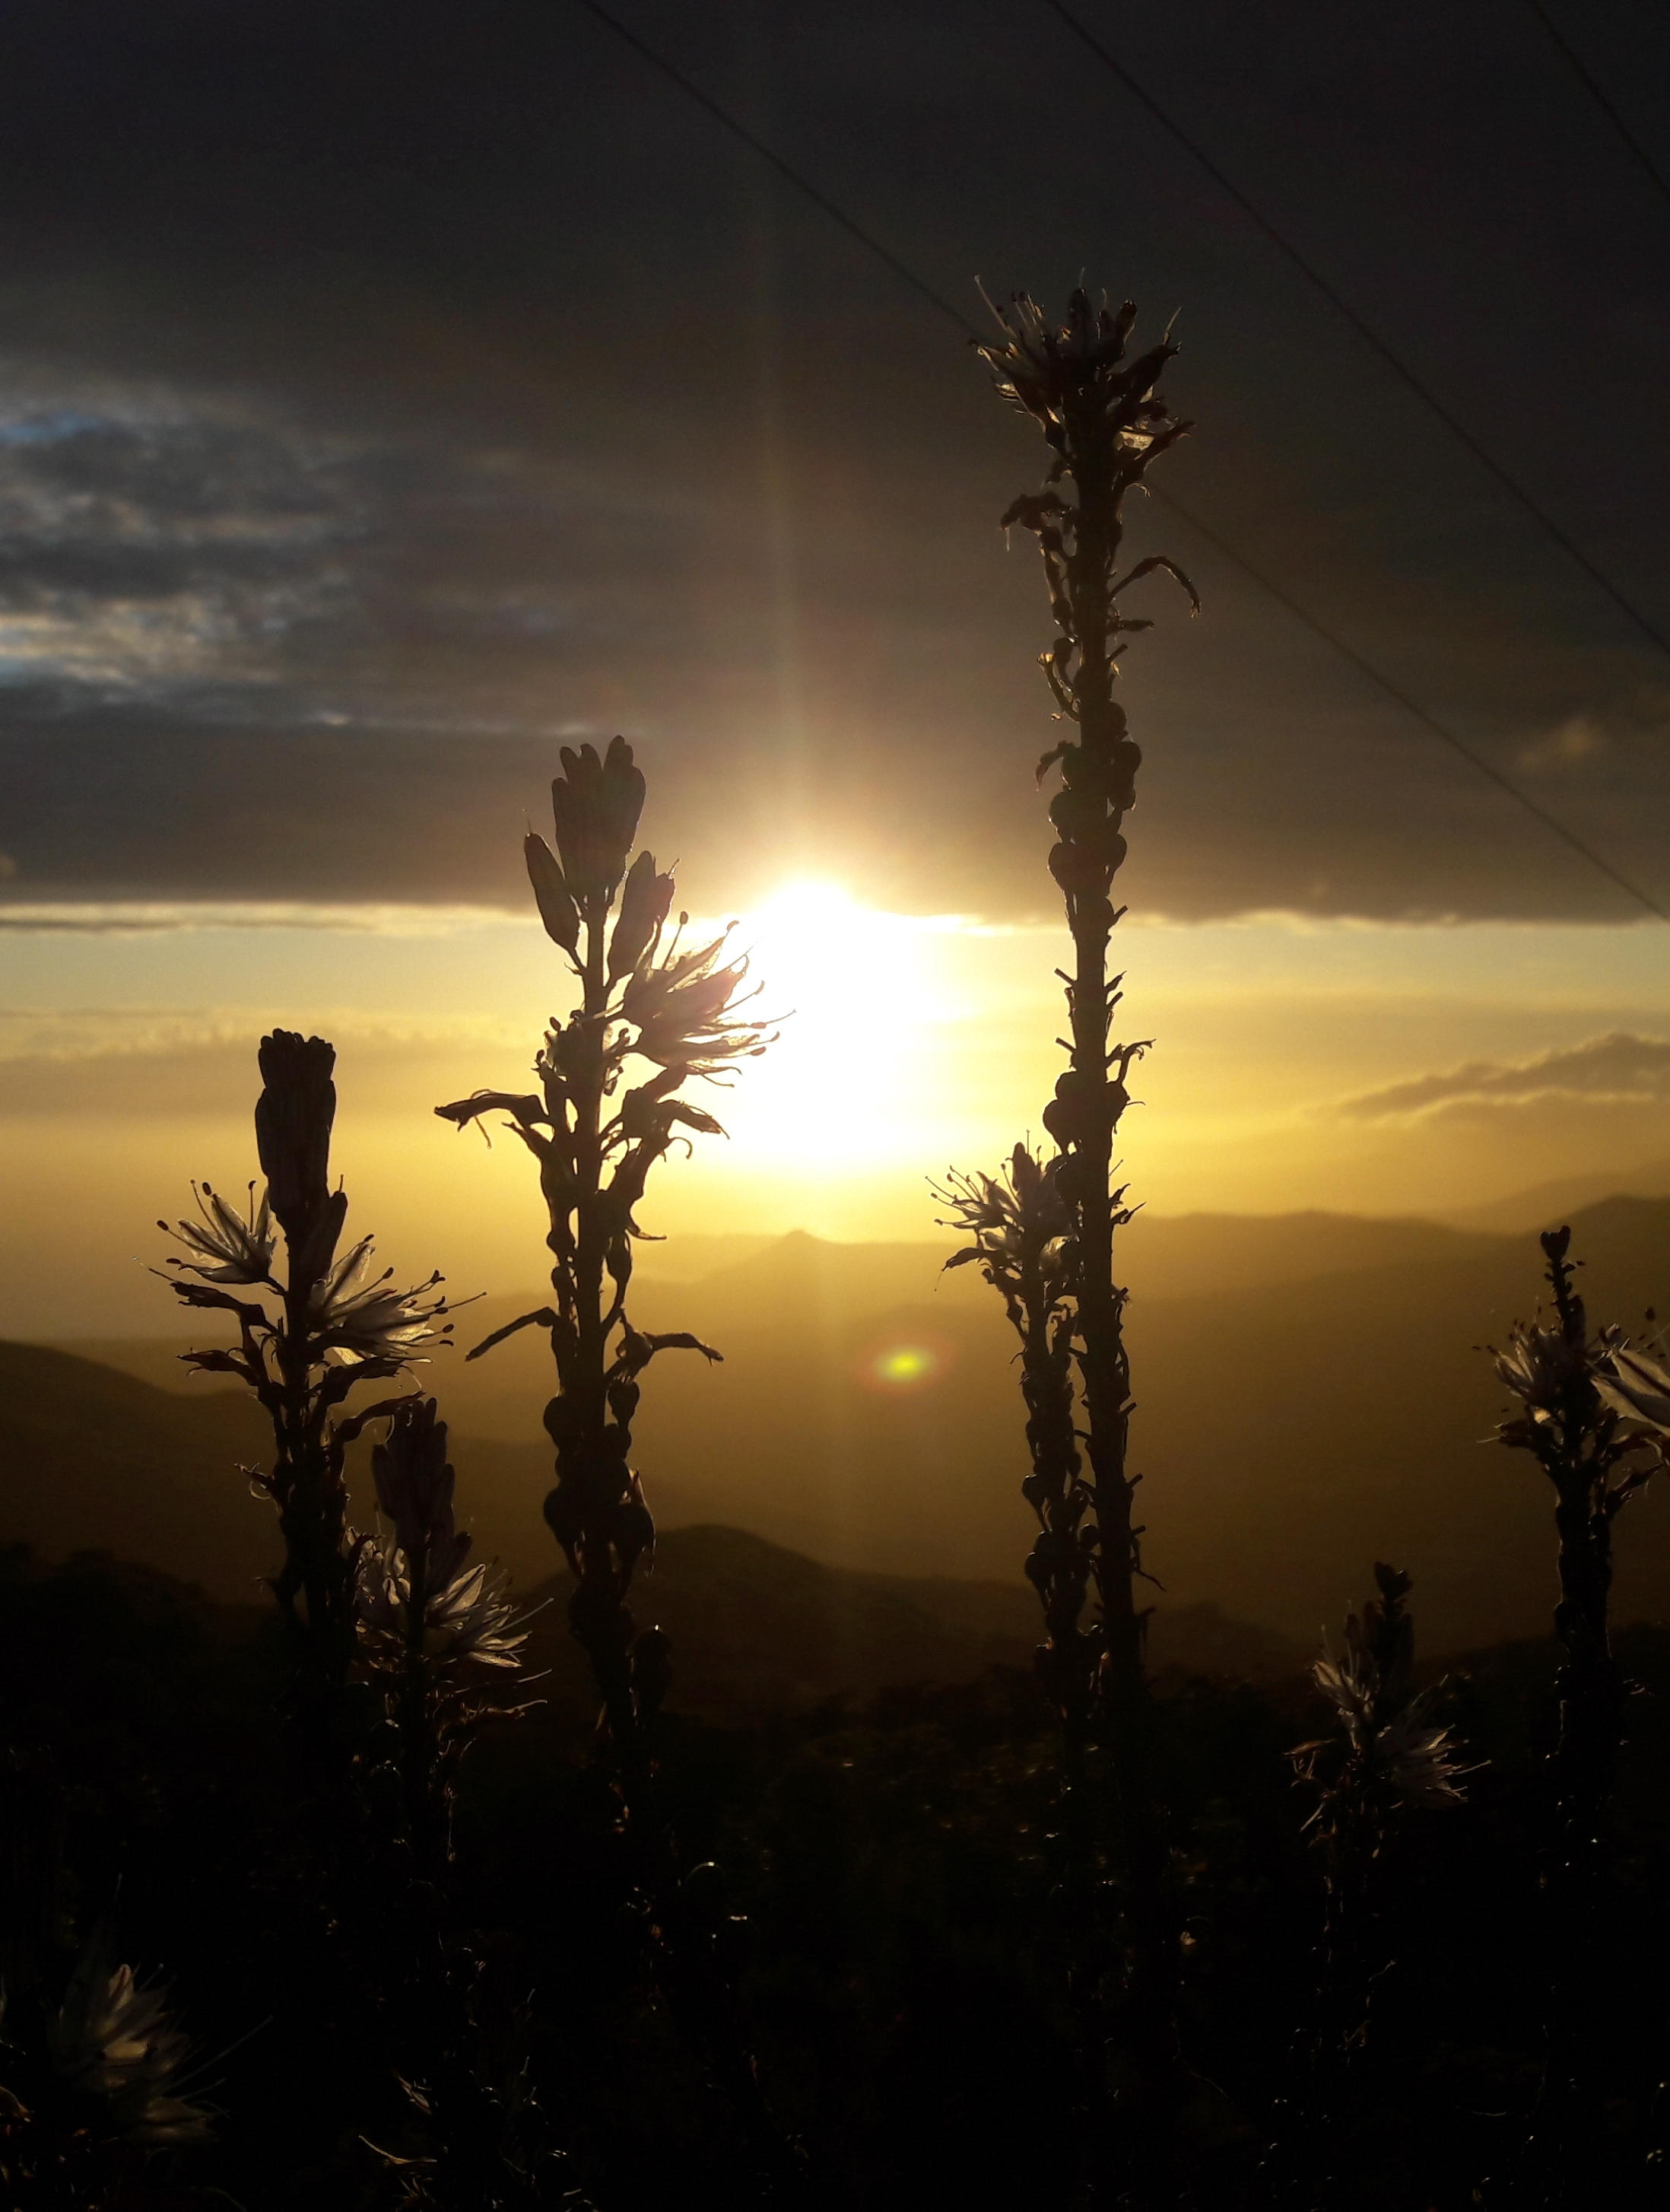 Le soleil se couche à travers les talavedde... (Photo Charlotte Lugrezi)